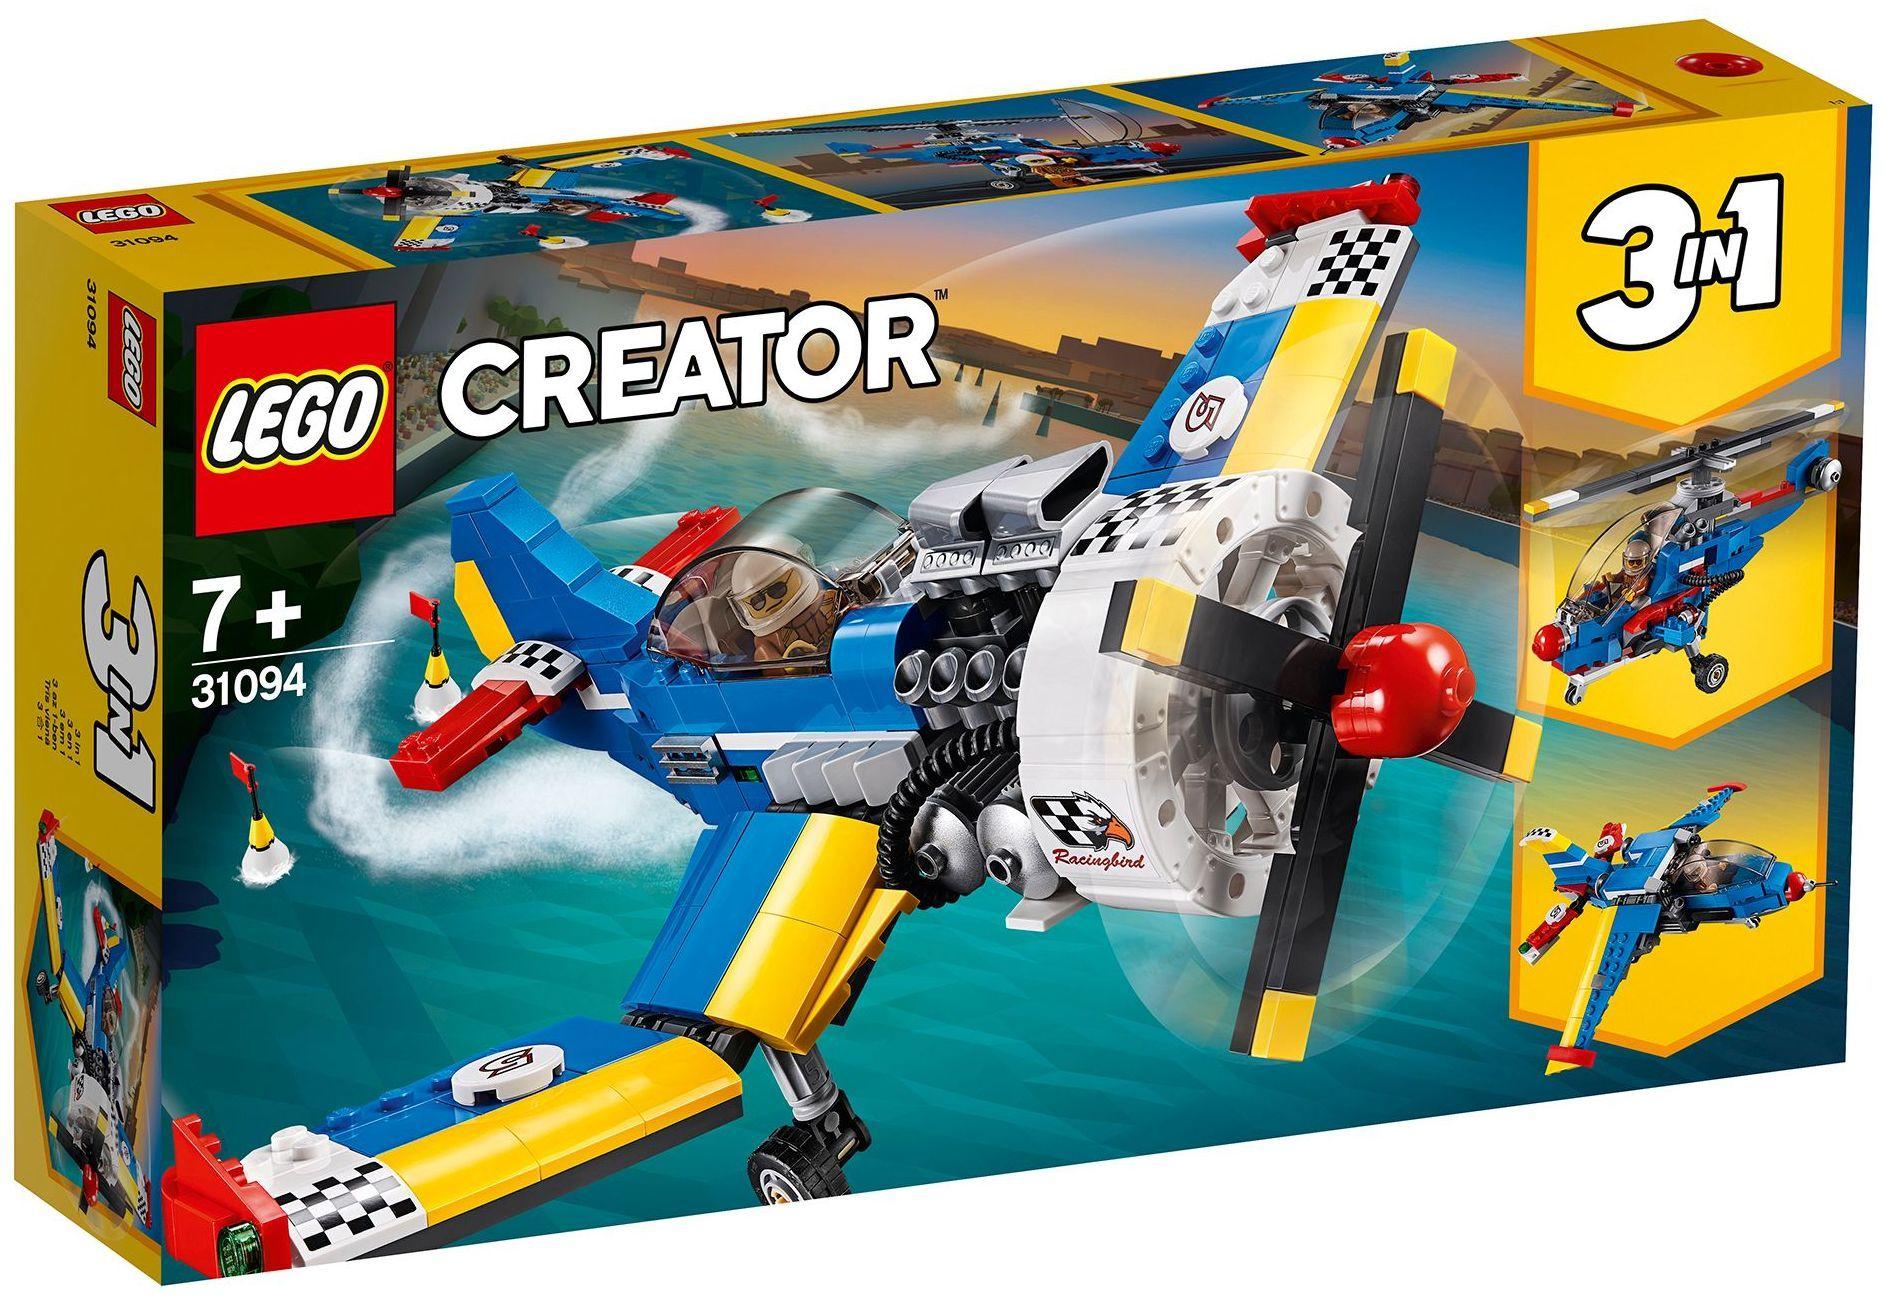 Конструктор 3 в 1 Lego Creator - Състезателен самолет (31094) - 7